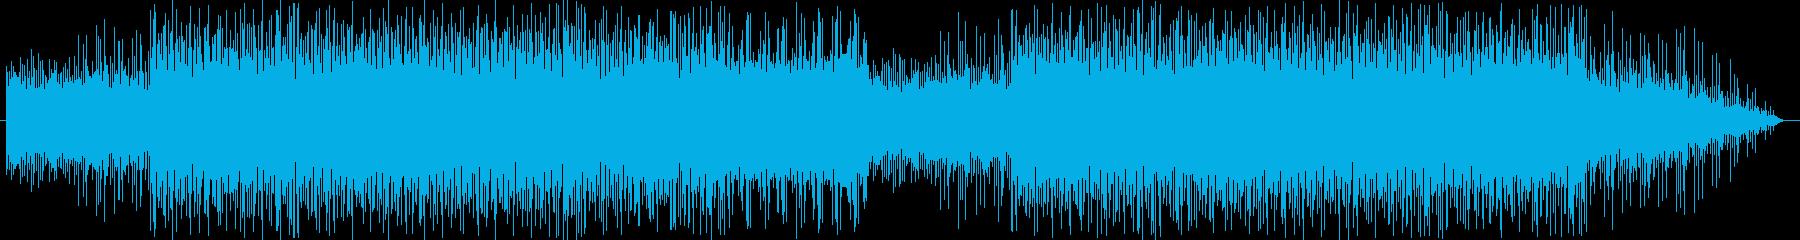 疾走感あるテクノポップの再生済みの波形